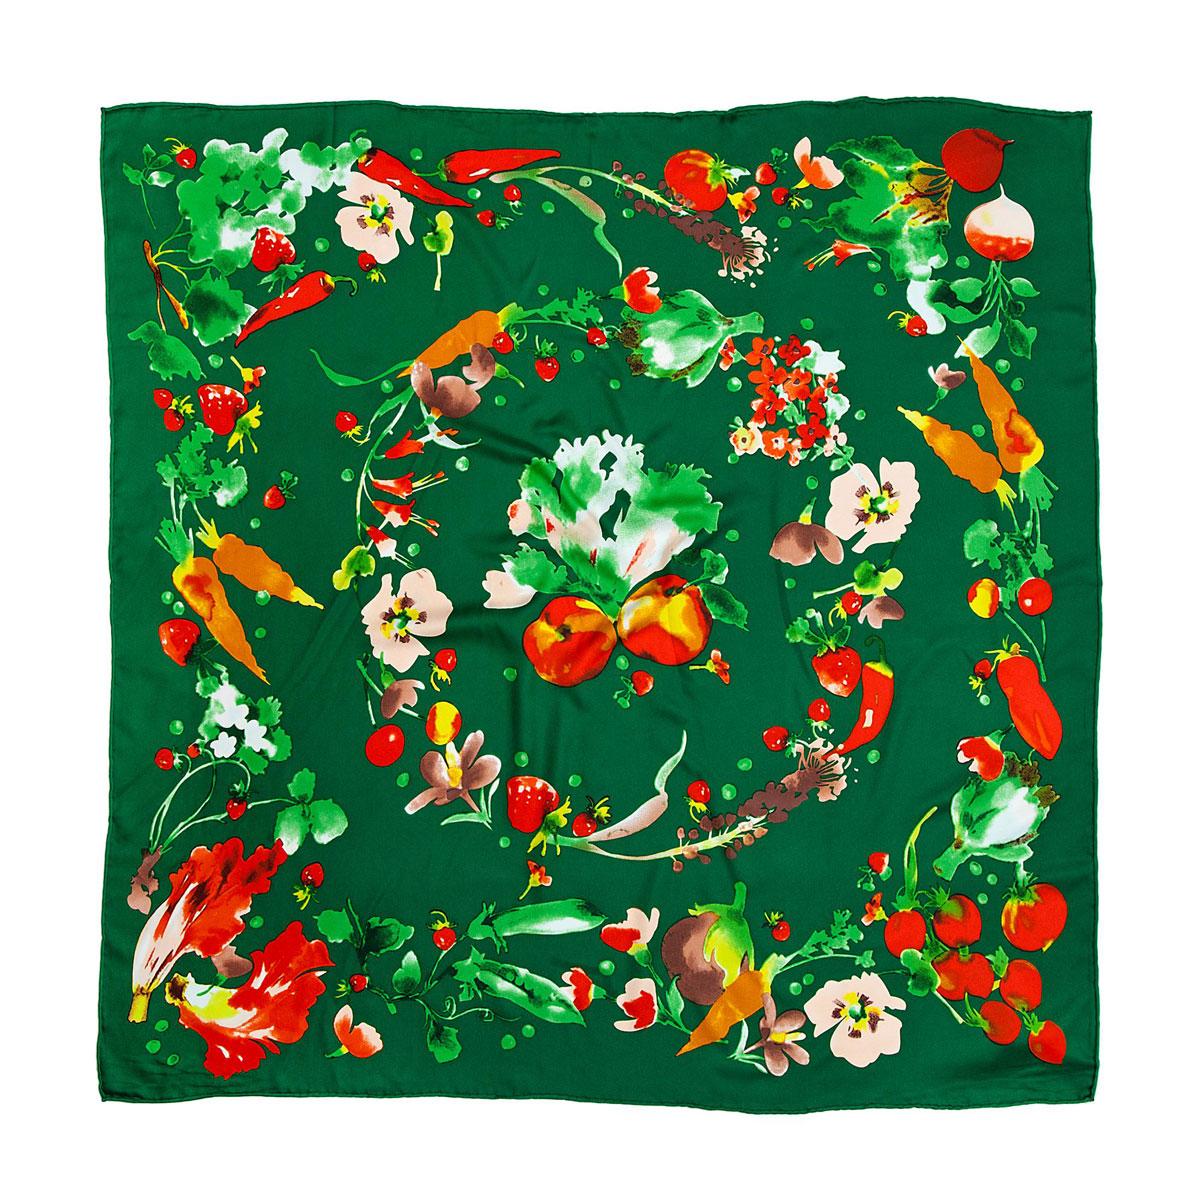 Платок женский. 23/0245/24323/0245/243Яркий и стильный платок Модные истории станет великолепным завершением любого наряда. Платок изготовлен из высококачественного полиэстера. Он оформлен красочным принтом в виде овощей, ягод и цветов. Классическая квадратная форма позволяет носить его на шее, украшать прическу или декорировать сумочку. Мягкий и шелковистый платок поможет вам создать оригинальный женственный образ. Такой платок превосходно дополнит любой наряд и подчеркнет ваш неповторимый вкус и элегантность.